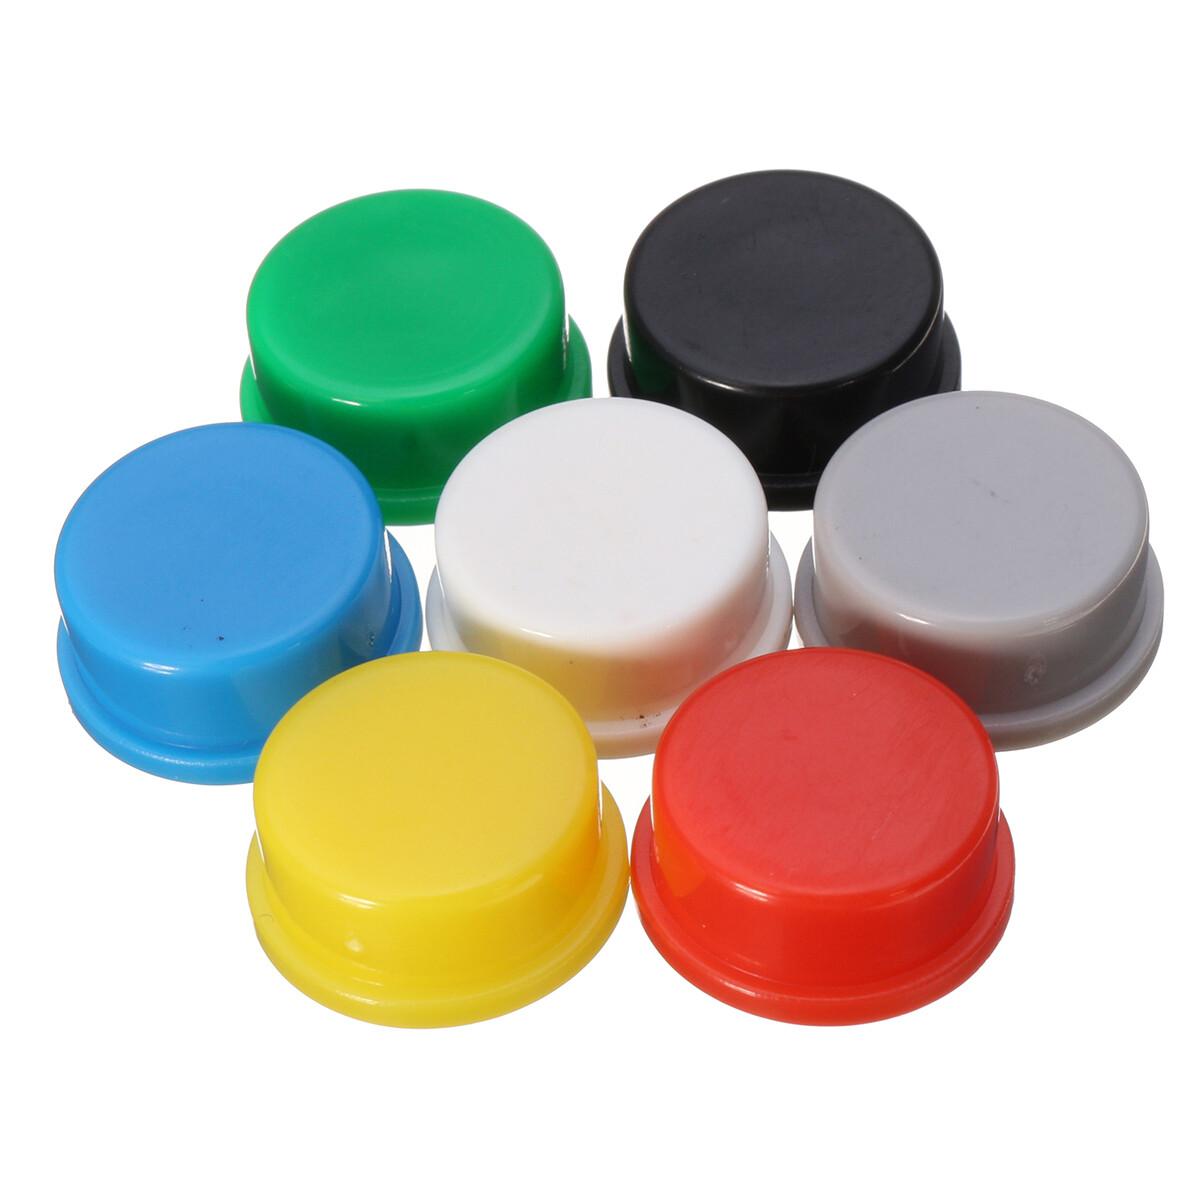 Capac buton 12x12x7.3, diferite culori